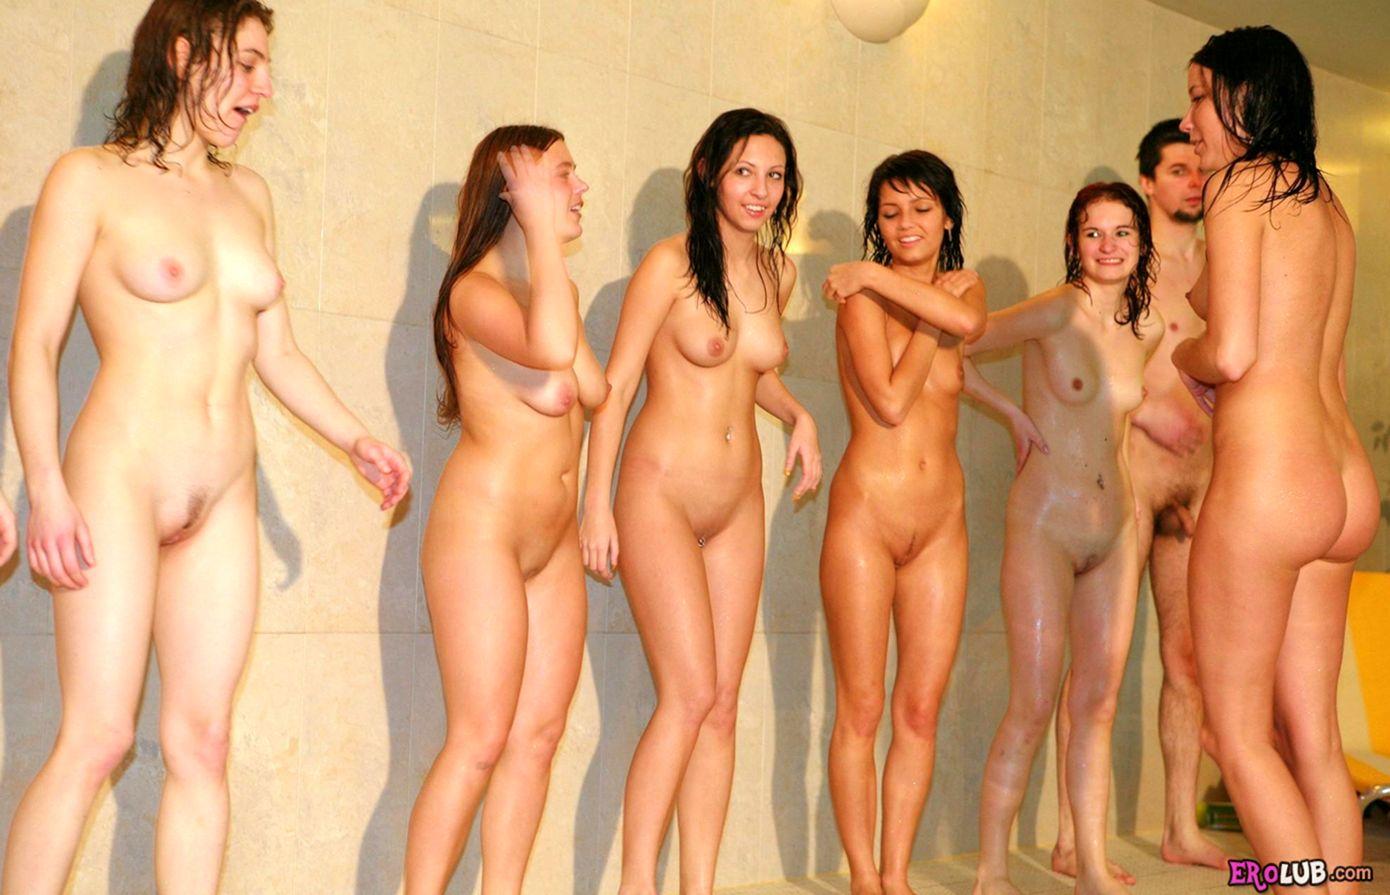 Почему фото молодые девушки раздеваются осознаешь